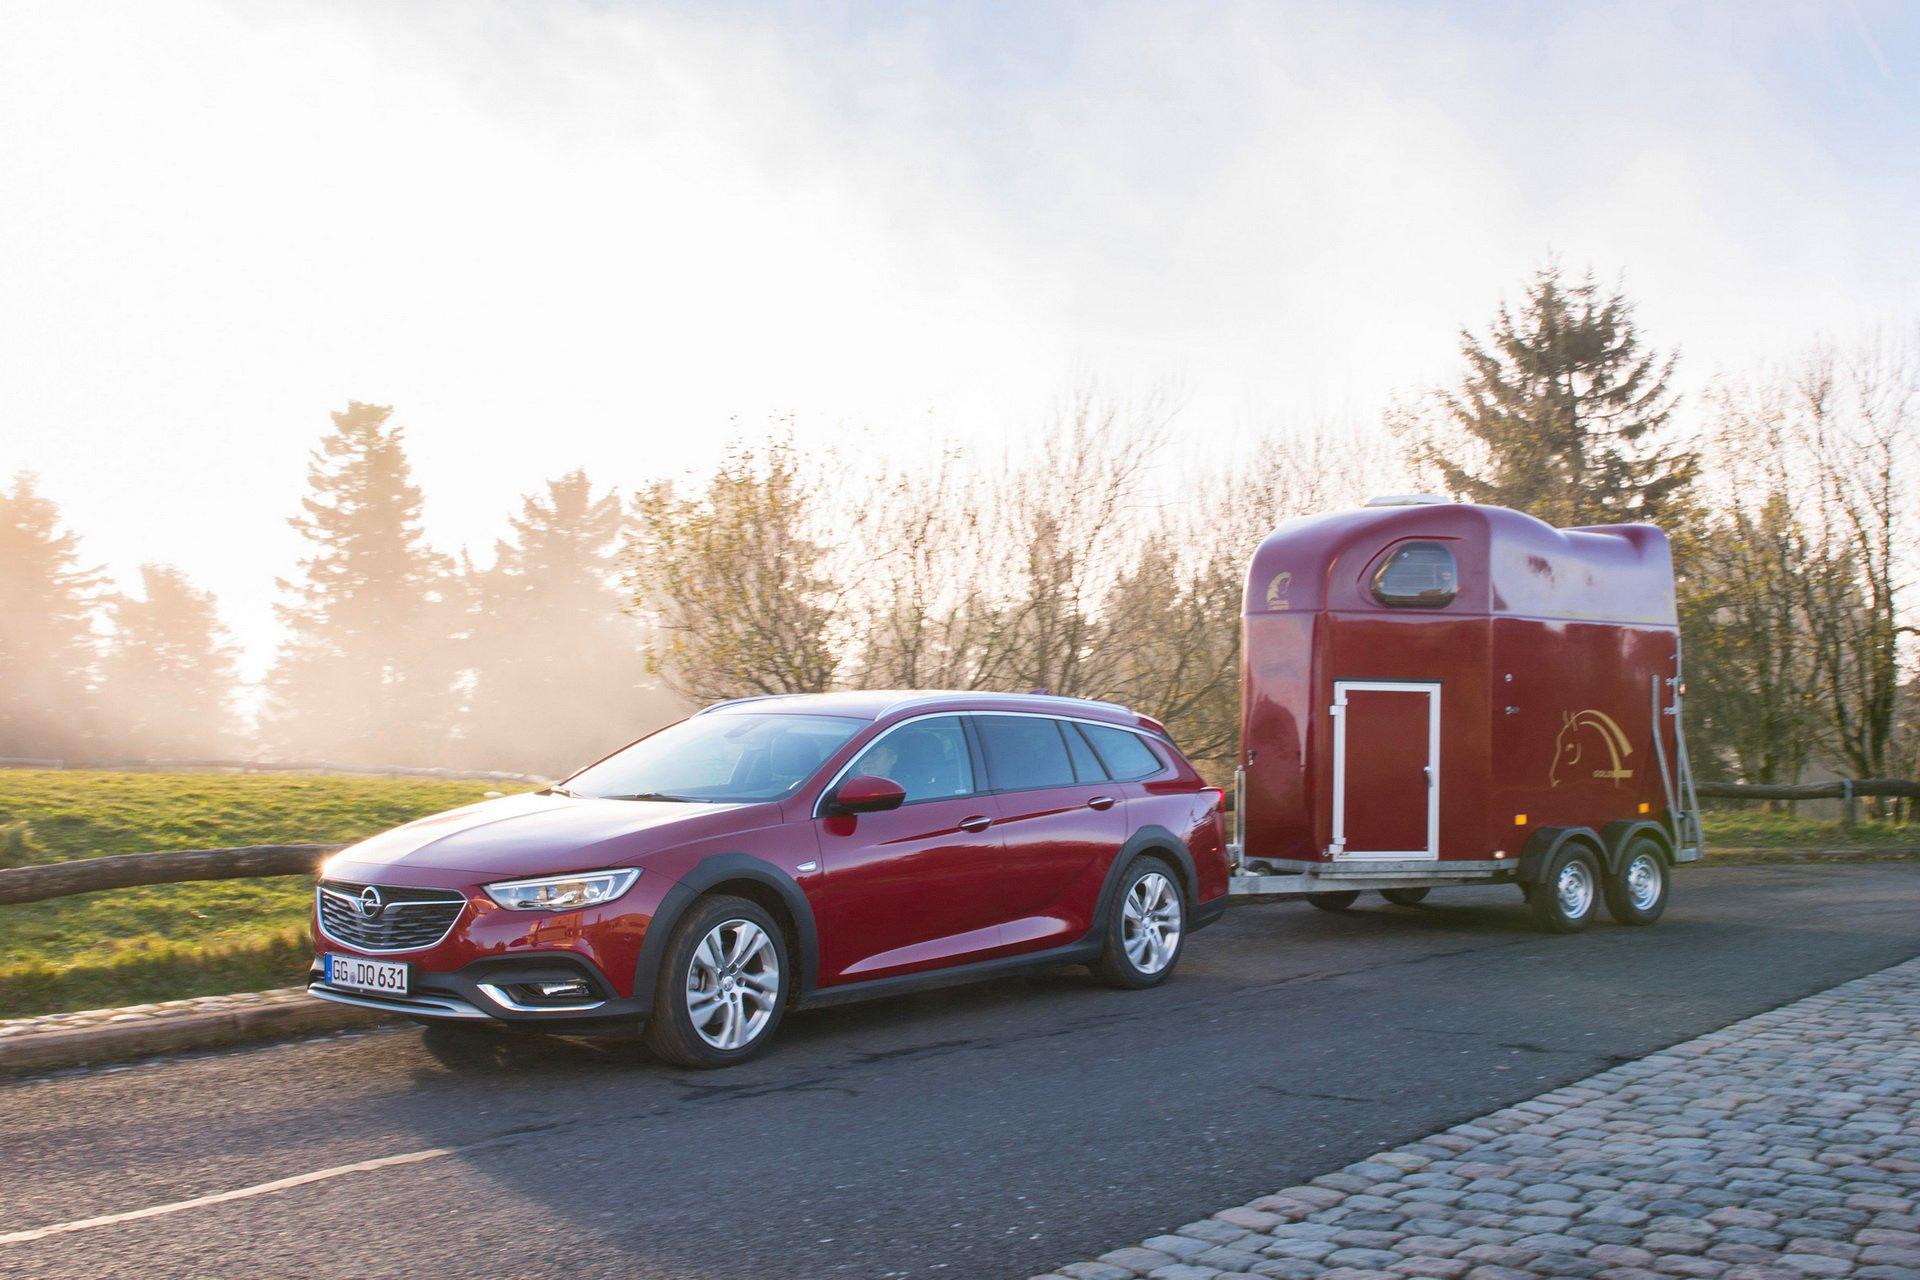 Pintar tu Opel Insignia con un color exclusivo tiene un alto precio: 5.900 euros